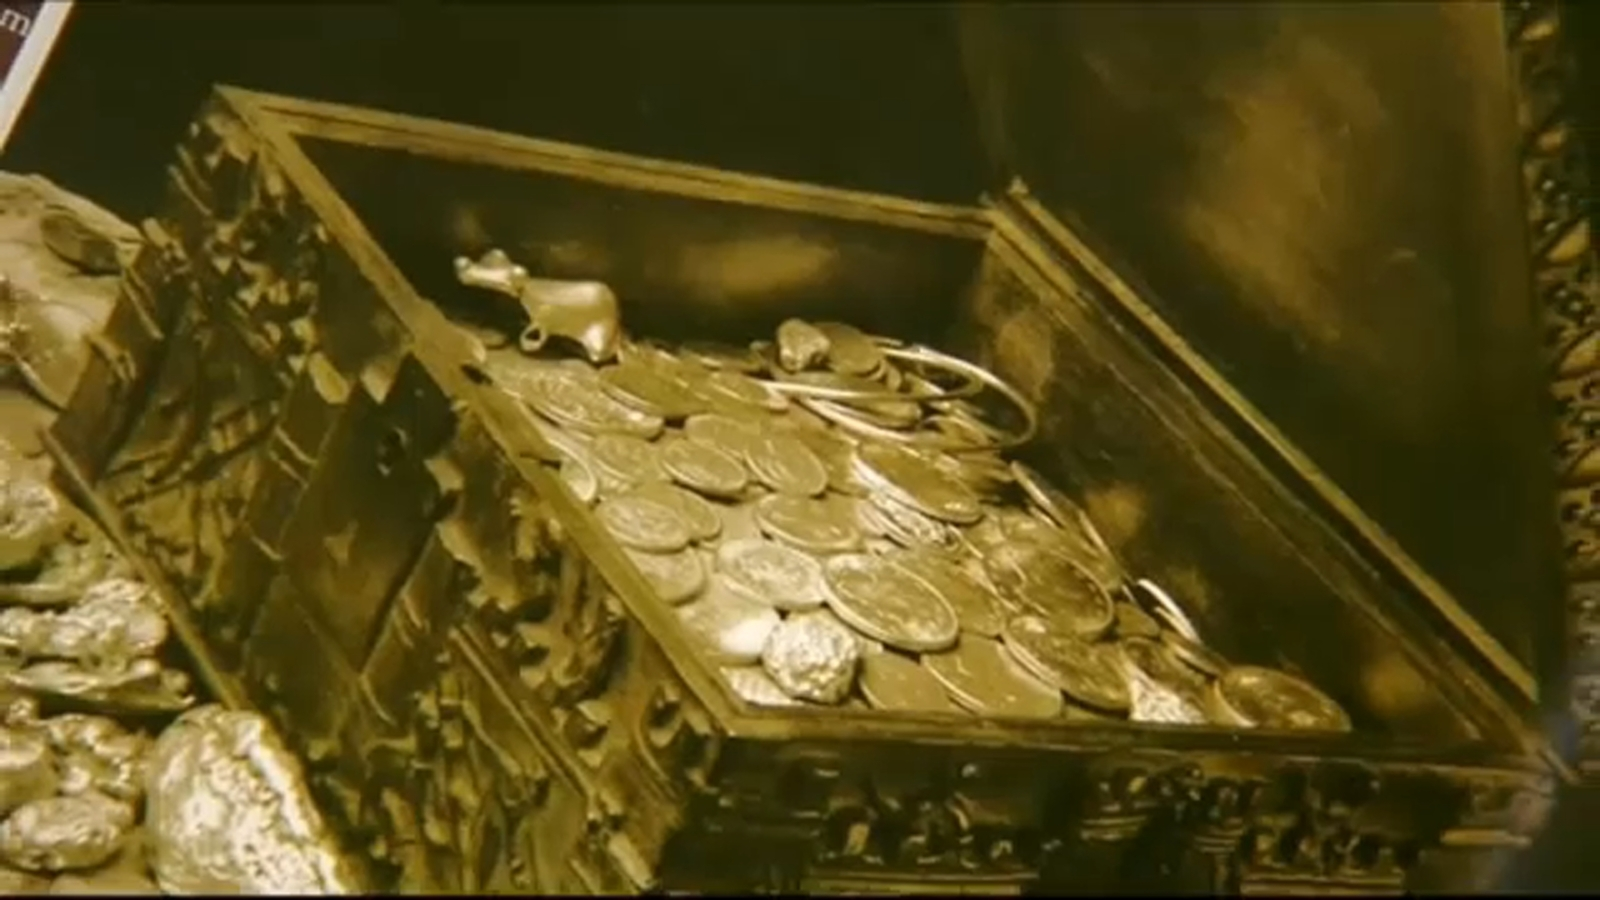 Multimillionaire Forrest Fenn's treasure hidden, worth $1M, found in Rocky Mountains